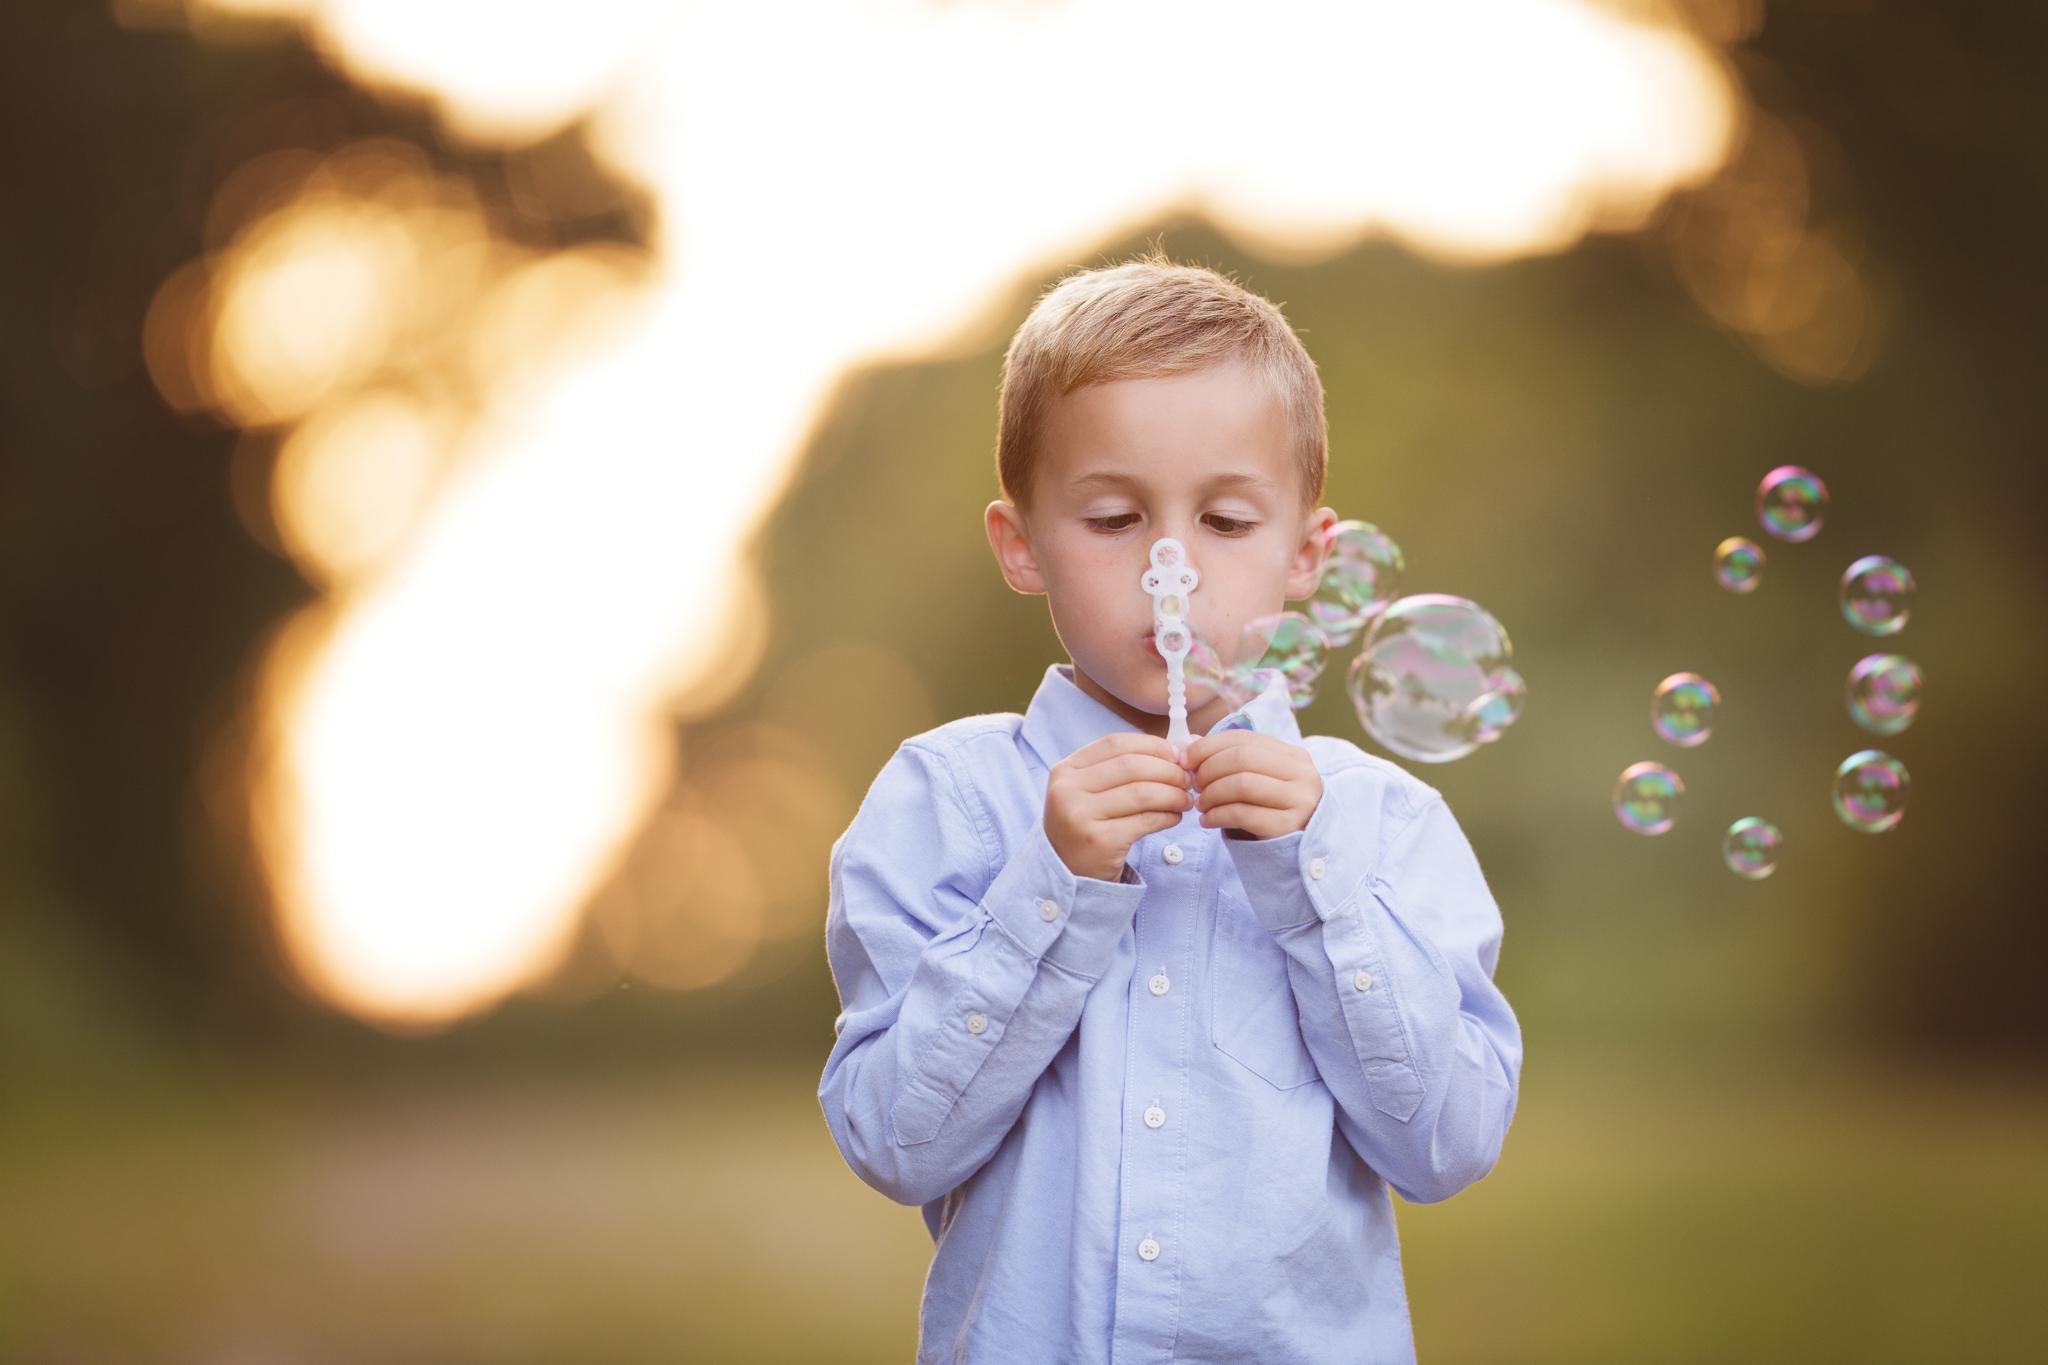 child blowing bubbles in Narragansett, RI